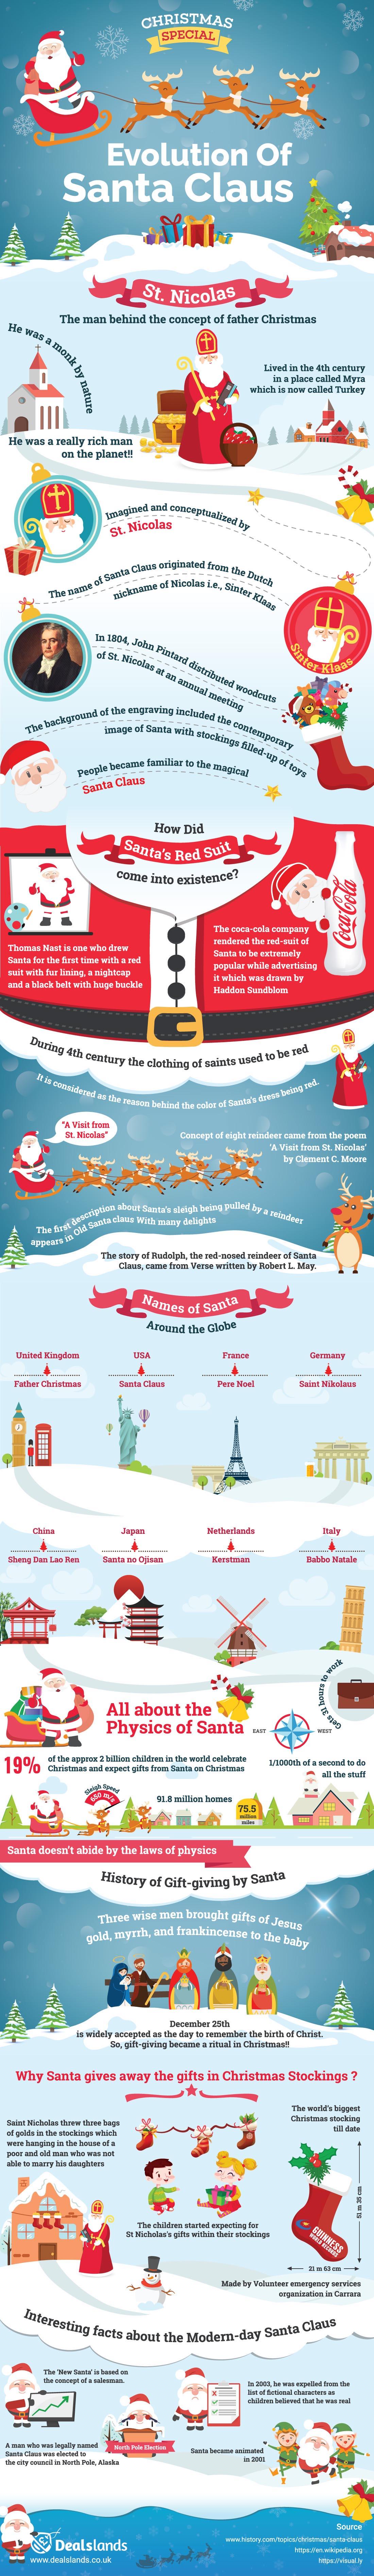 Christmas Special - Evolution Of Santa Claus